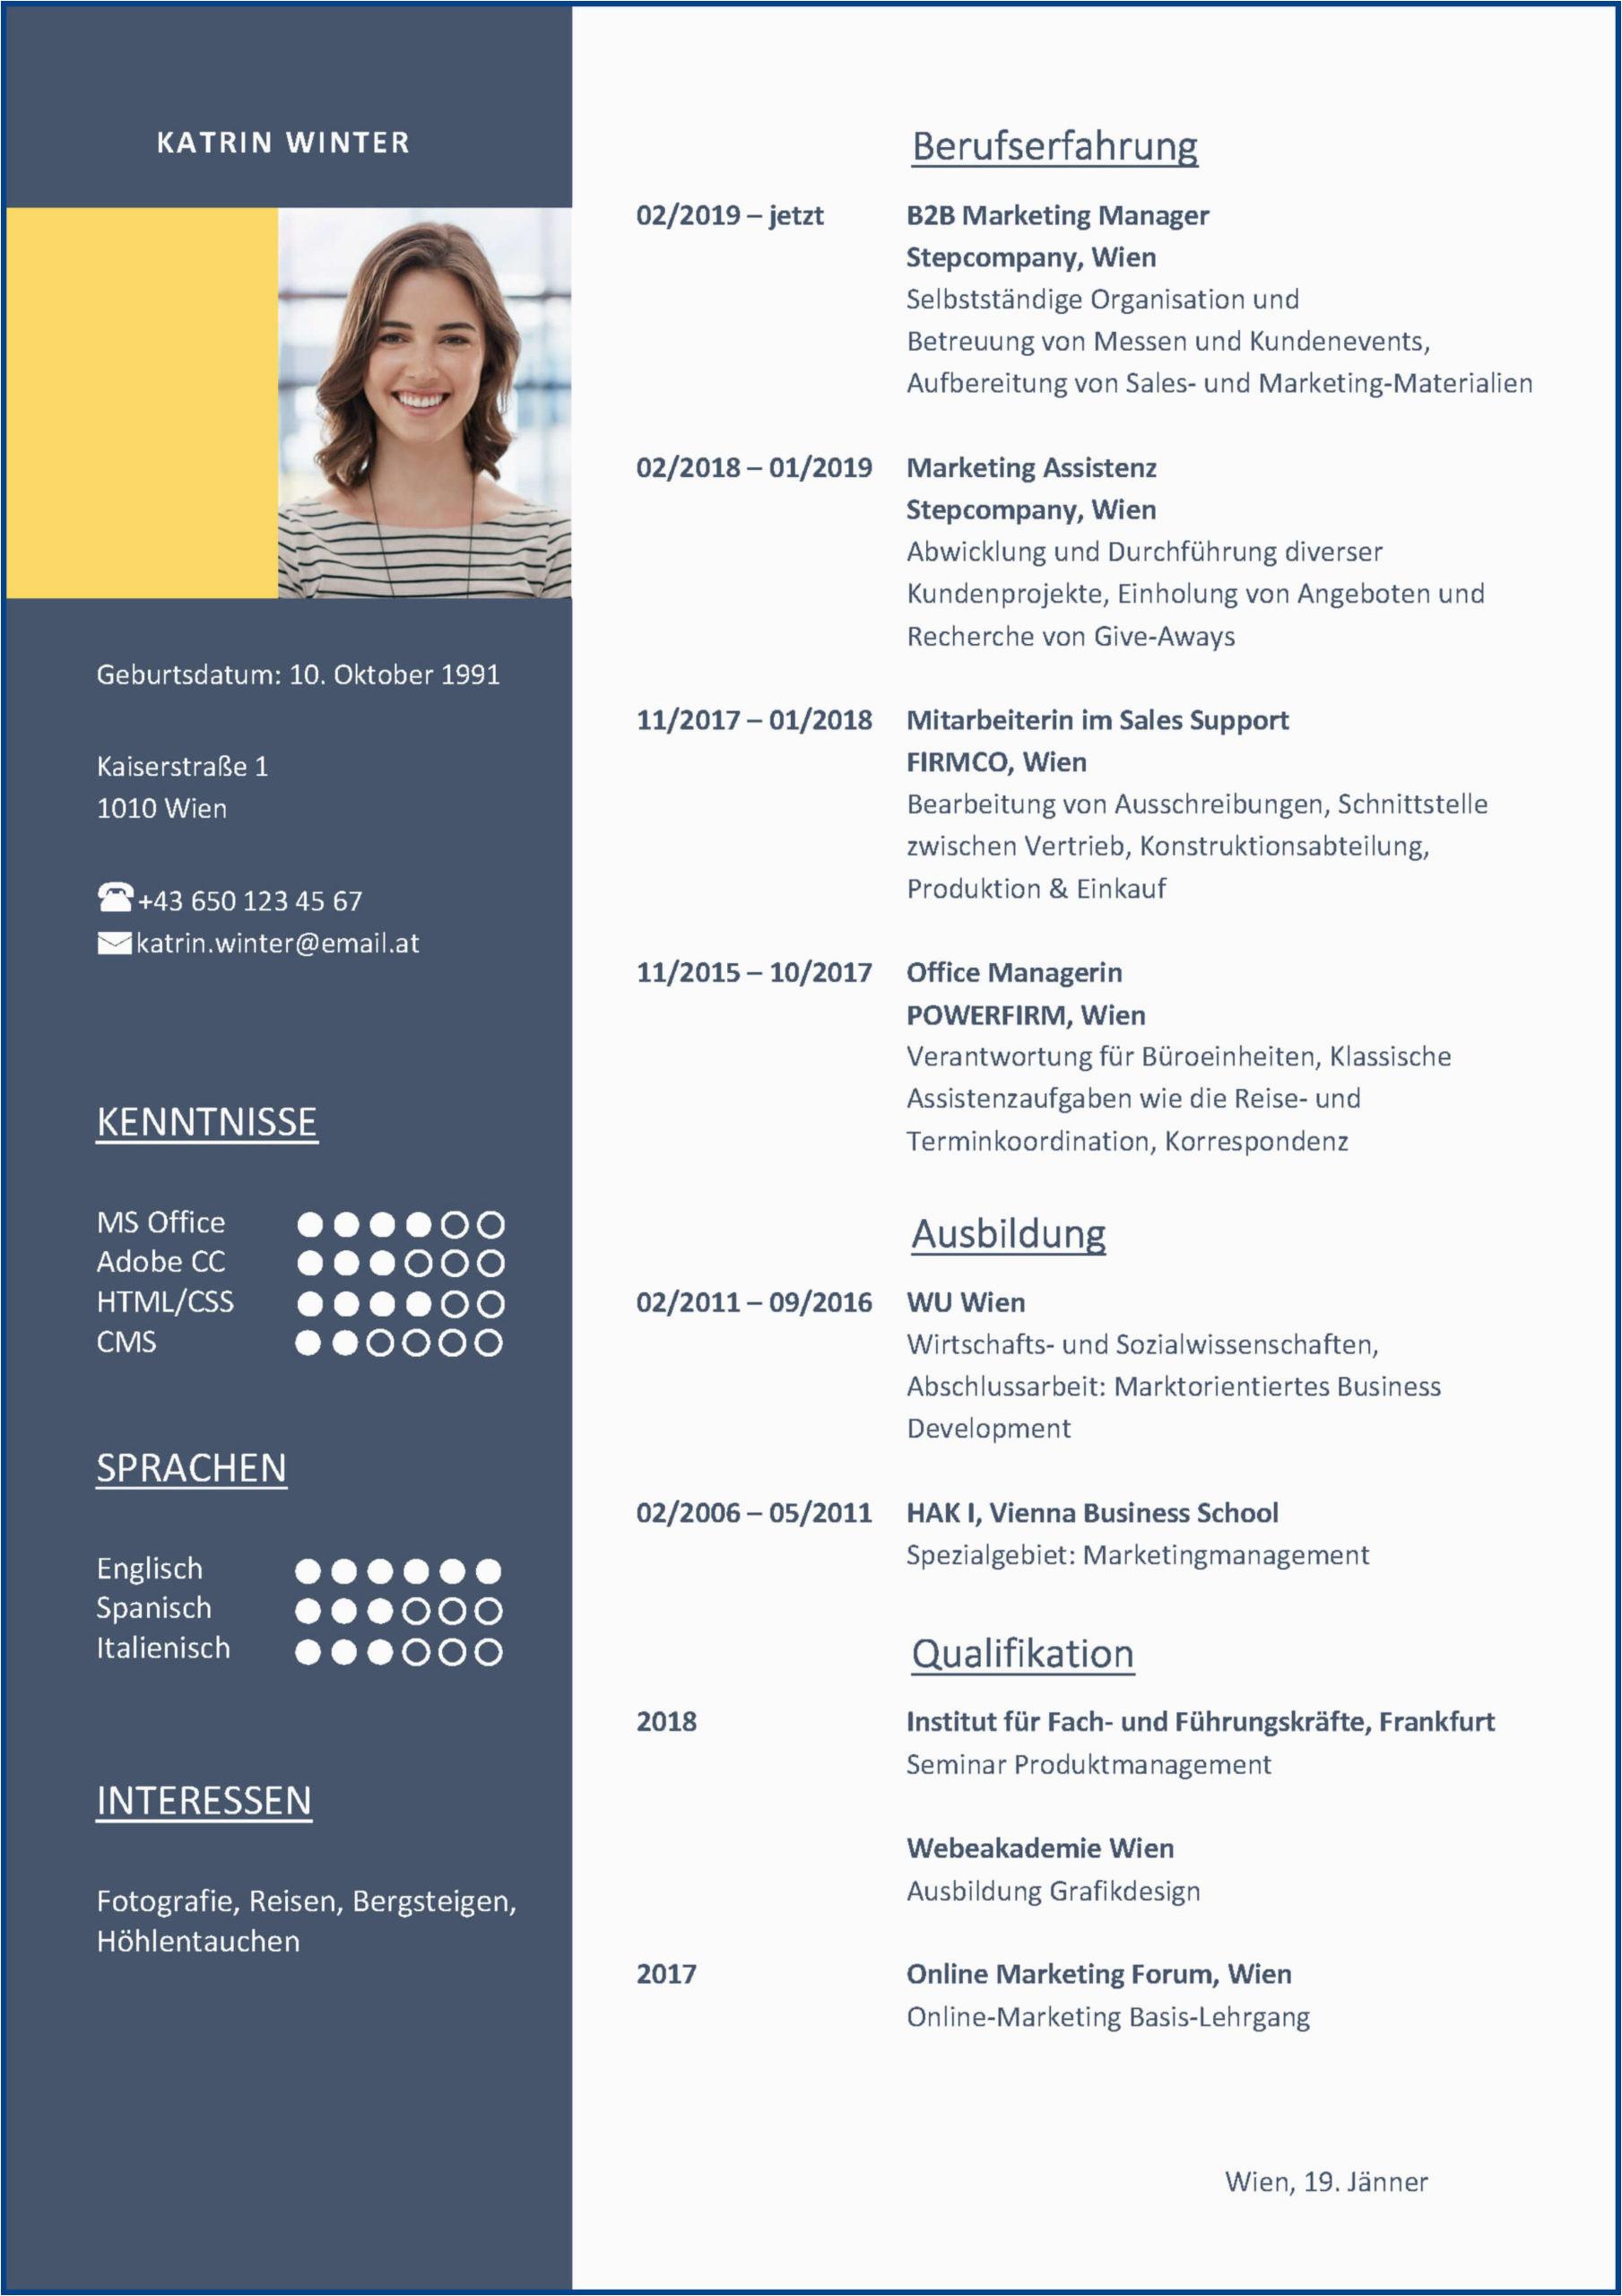 Moderner Lebenslauf Und Anschreiben Der Perfekte Lebenslauf Aufbau Tipps Und Vorlagen